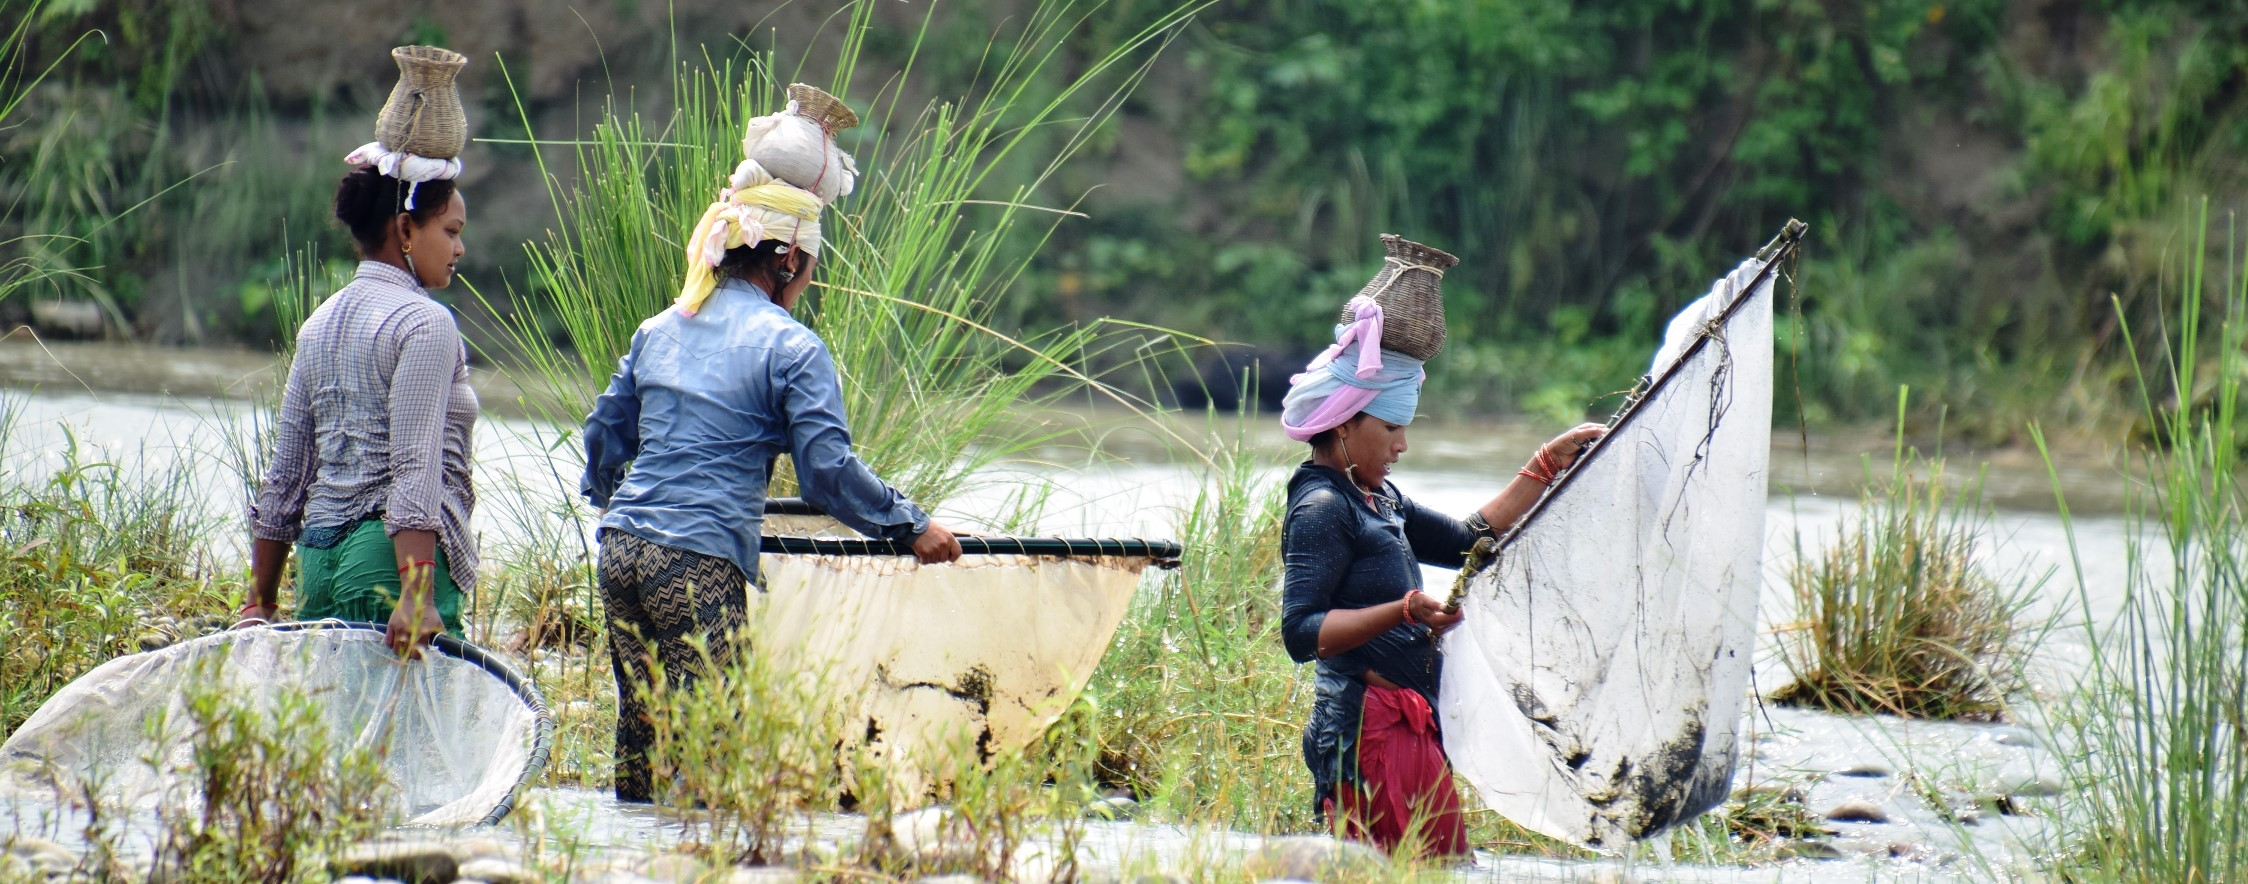 नेपाल बाढी उत्थानशीलता पोर्टल